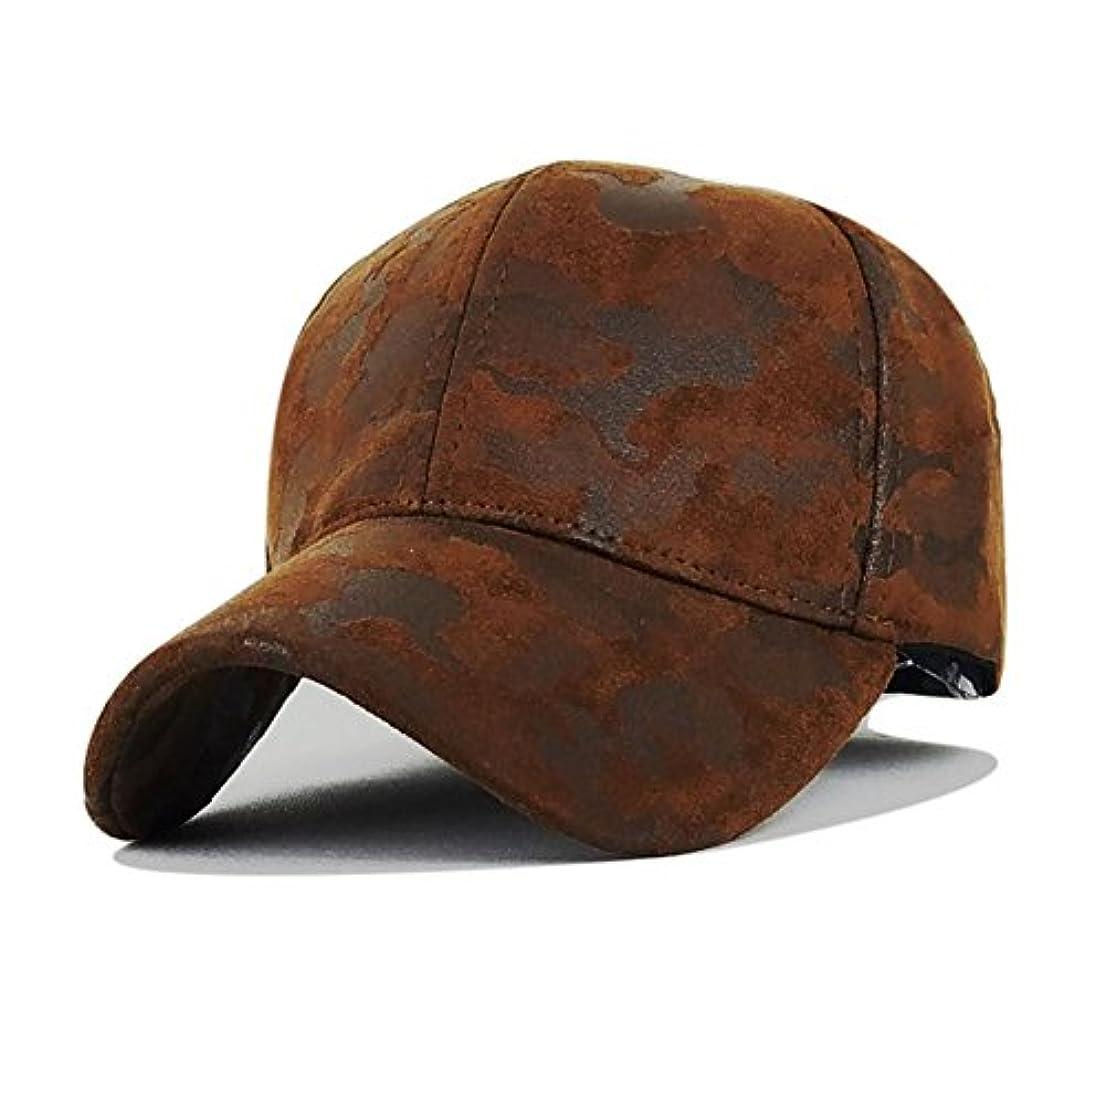 豆腐に頼る始める野生の 野球帽アウトドアスポーツメンズカモフラージュレザーPUミリタリー愛好家ダック舌キャップUVプロテクトサン帽子